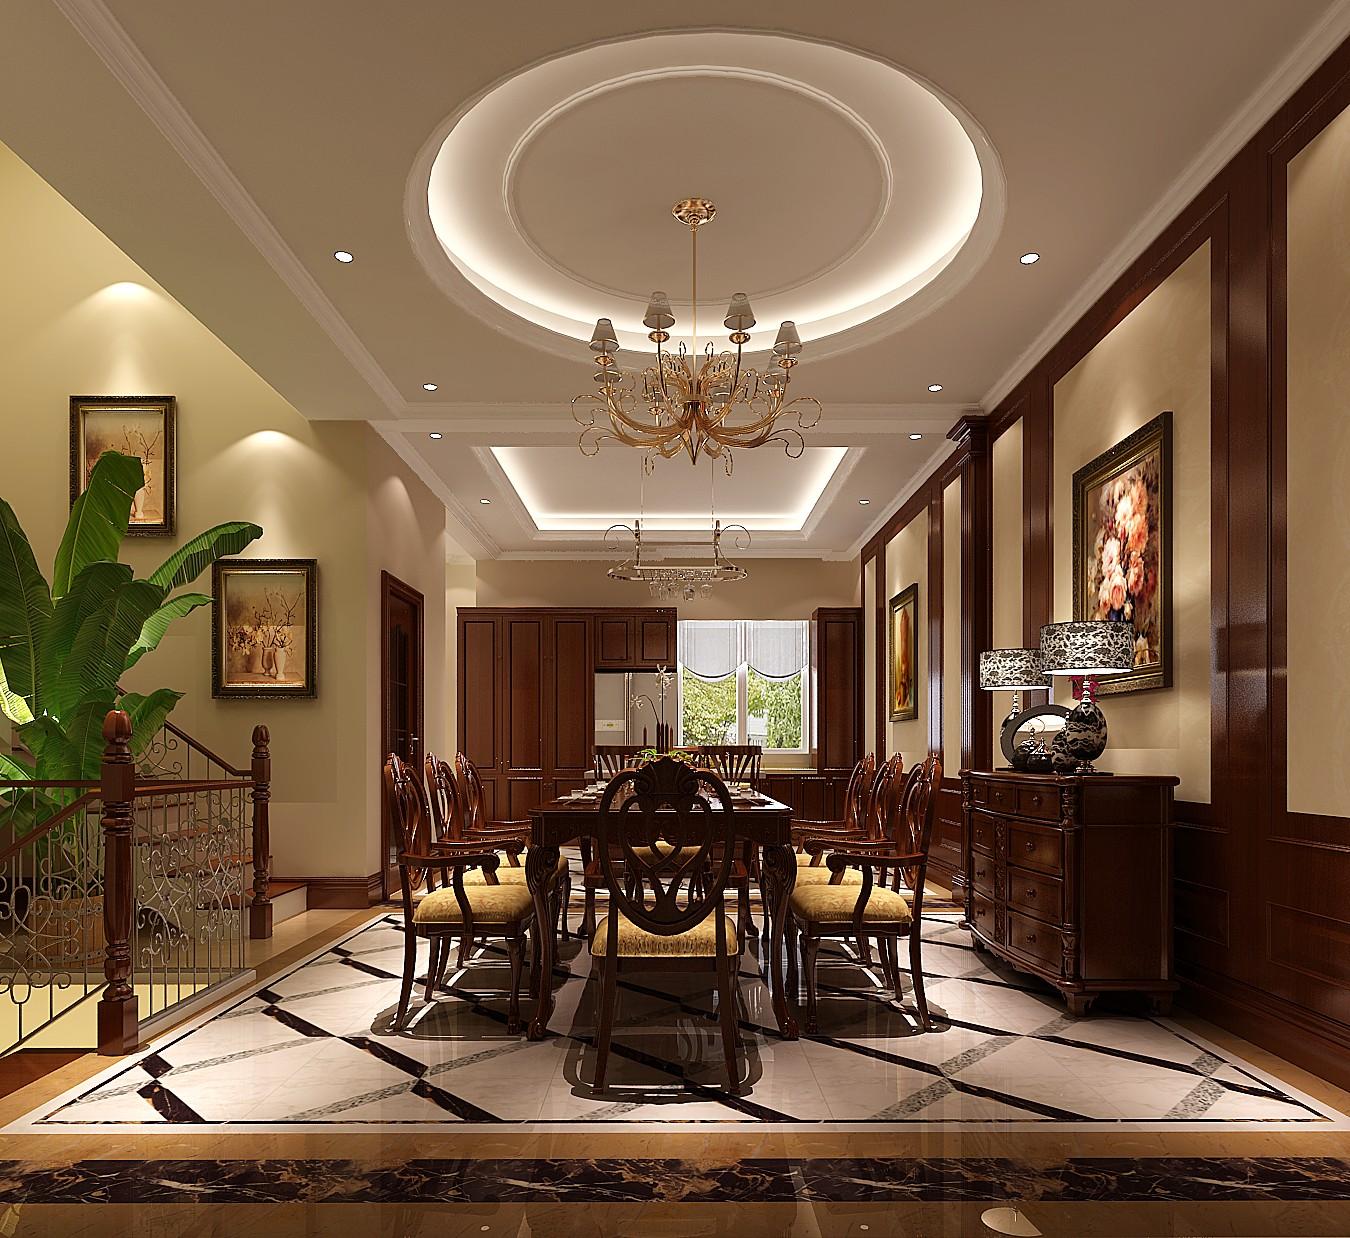 欧式 别墅 餐厅图片来自专业别墅设计工作室在永定河孔雀城简欧风格别墅案例的分享